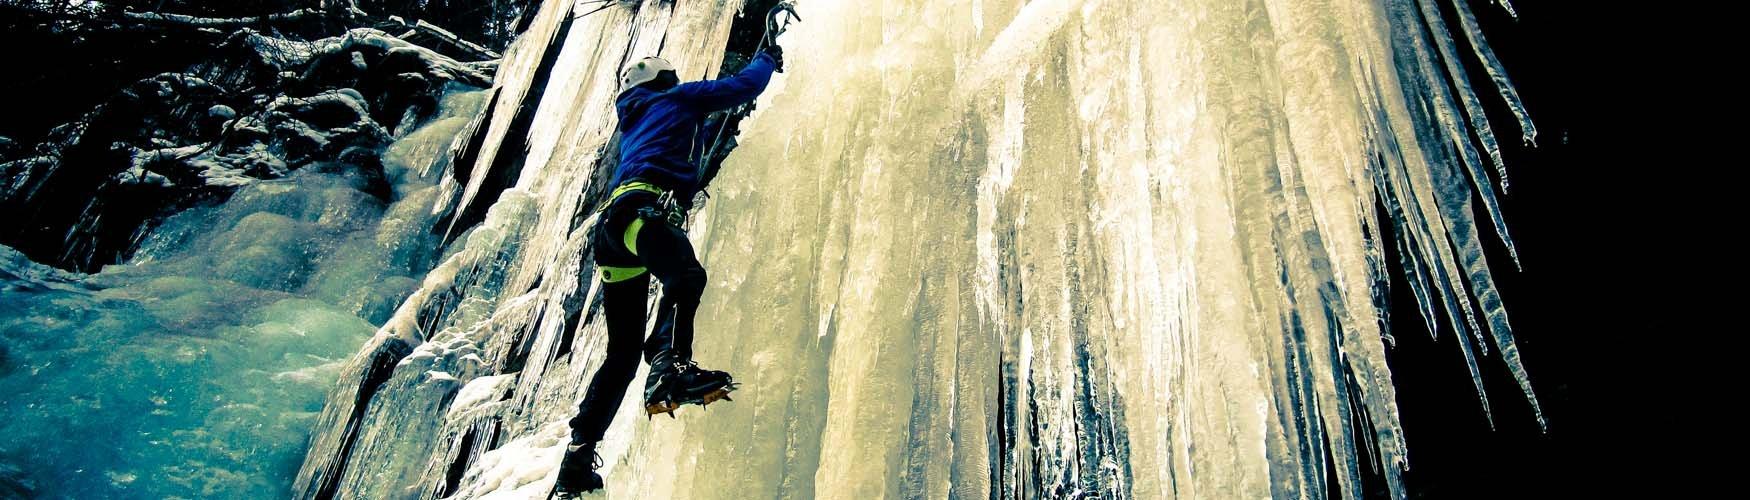 Eiskletternführung Sellrain Bergführer, Sellrain Eisklettern Bergführer, Tirol Eisklettern